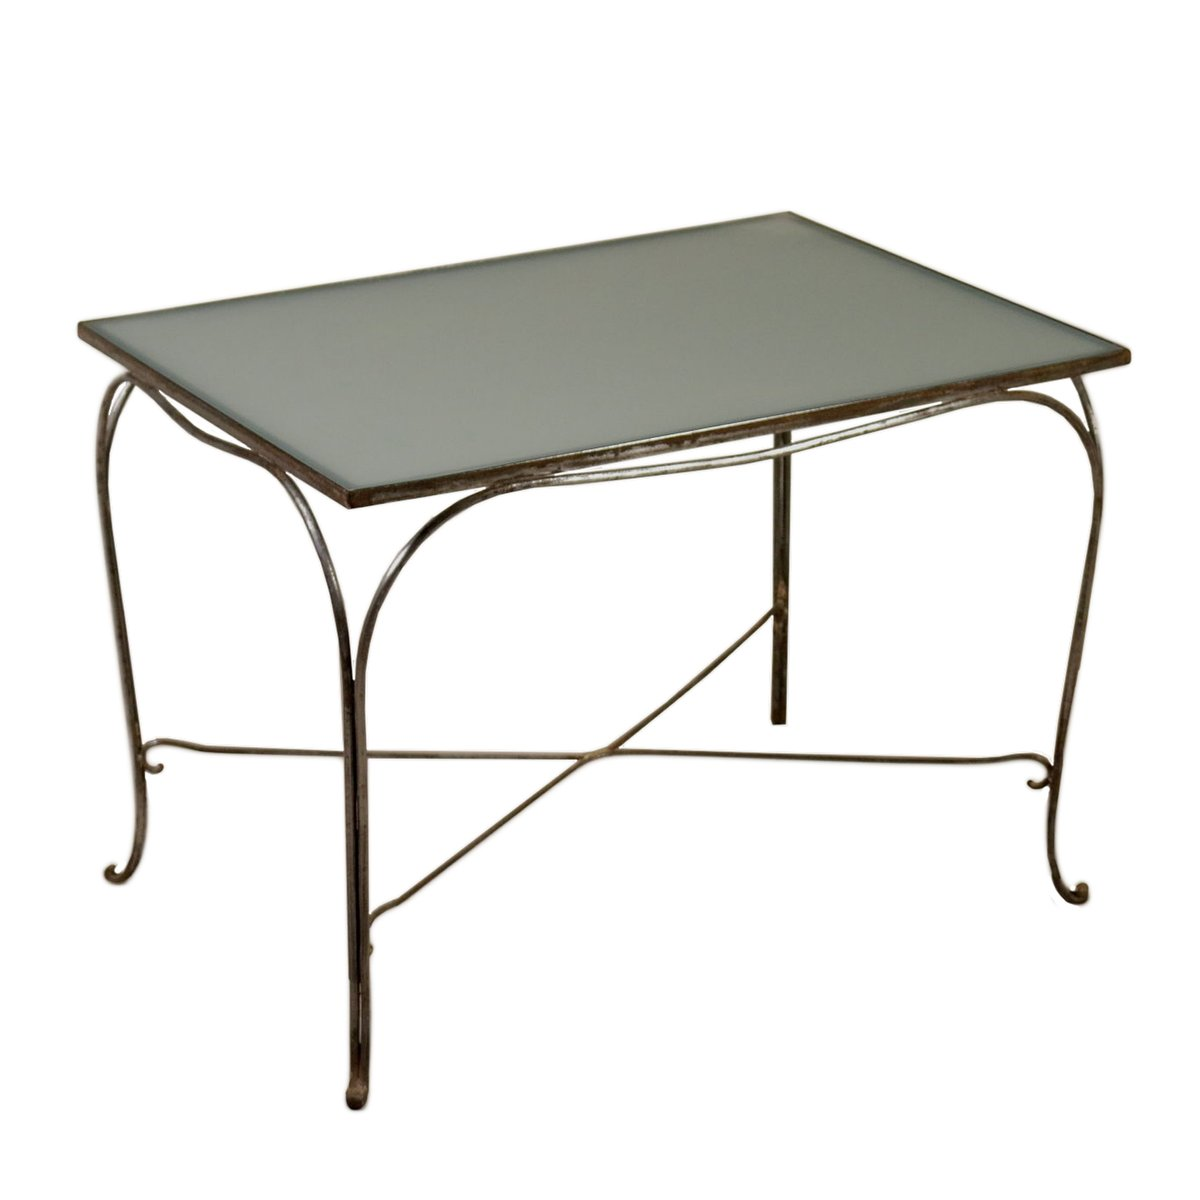 table en fer forg verre 1960s en vente sur pamono. Black Bedroom Furniture Sets. Home Design Ideas